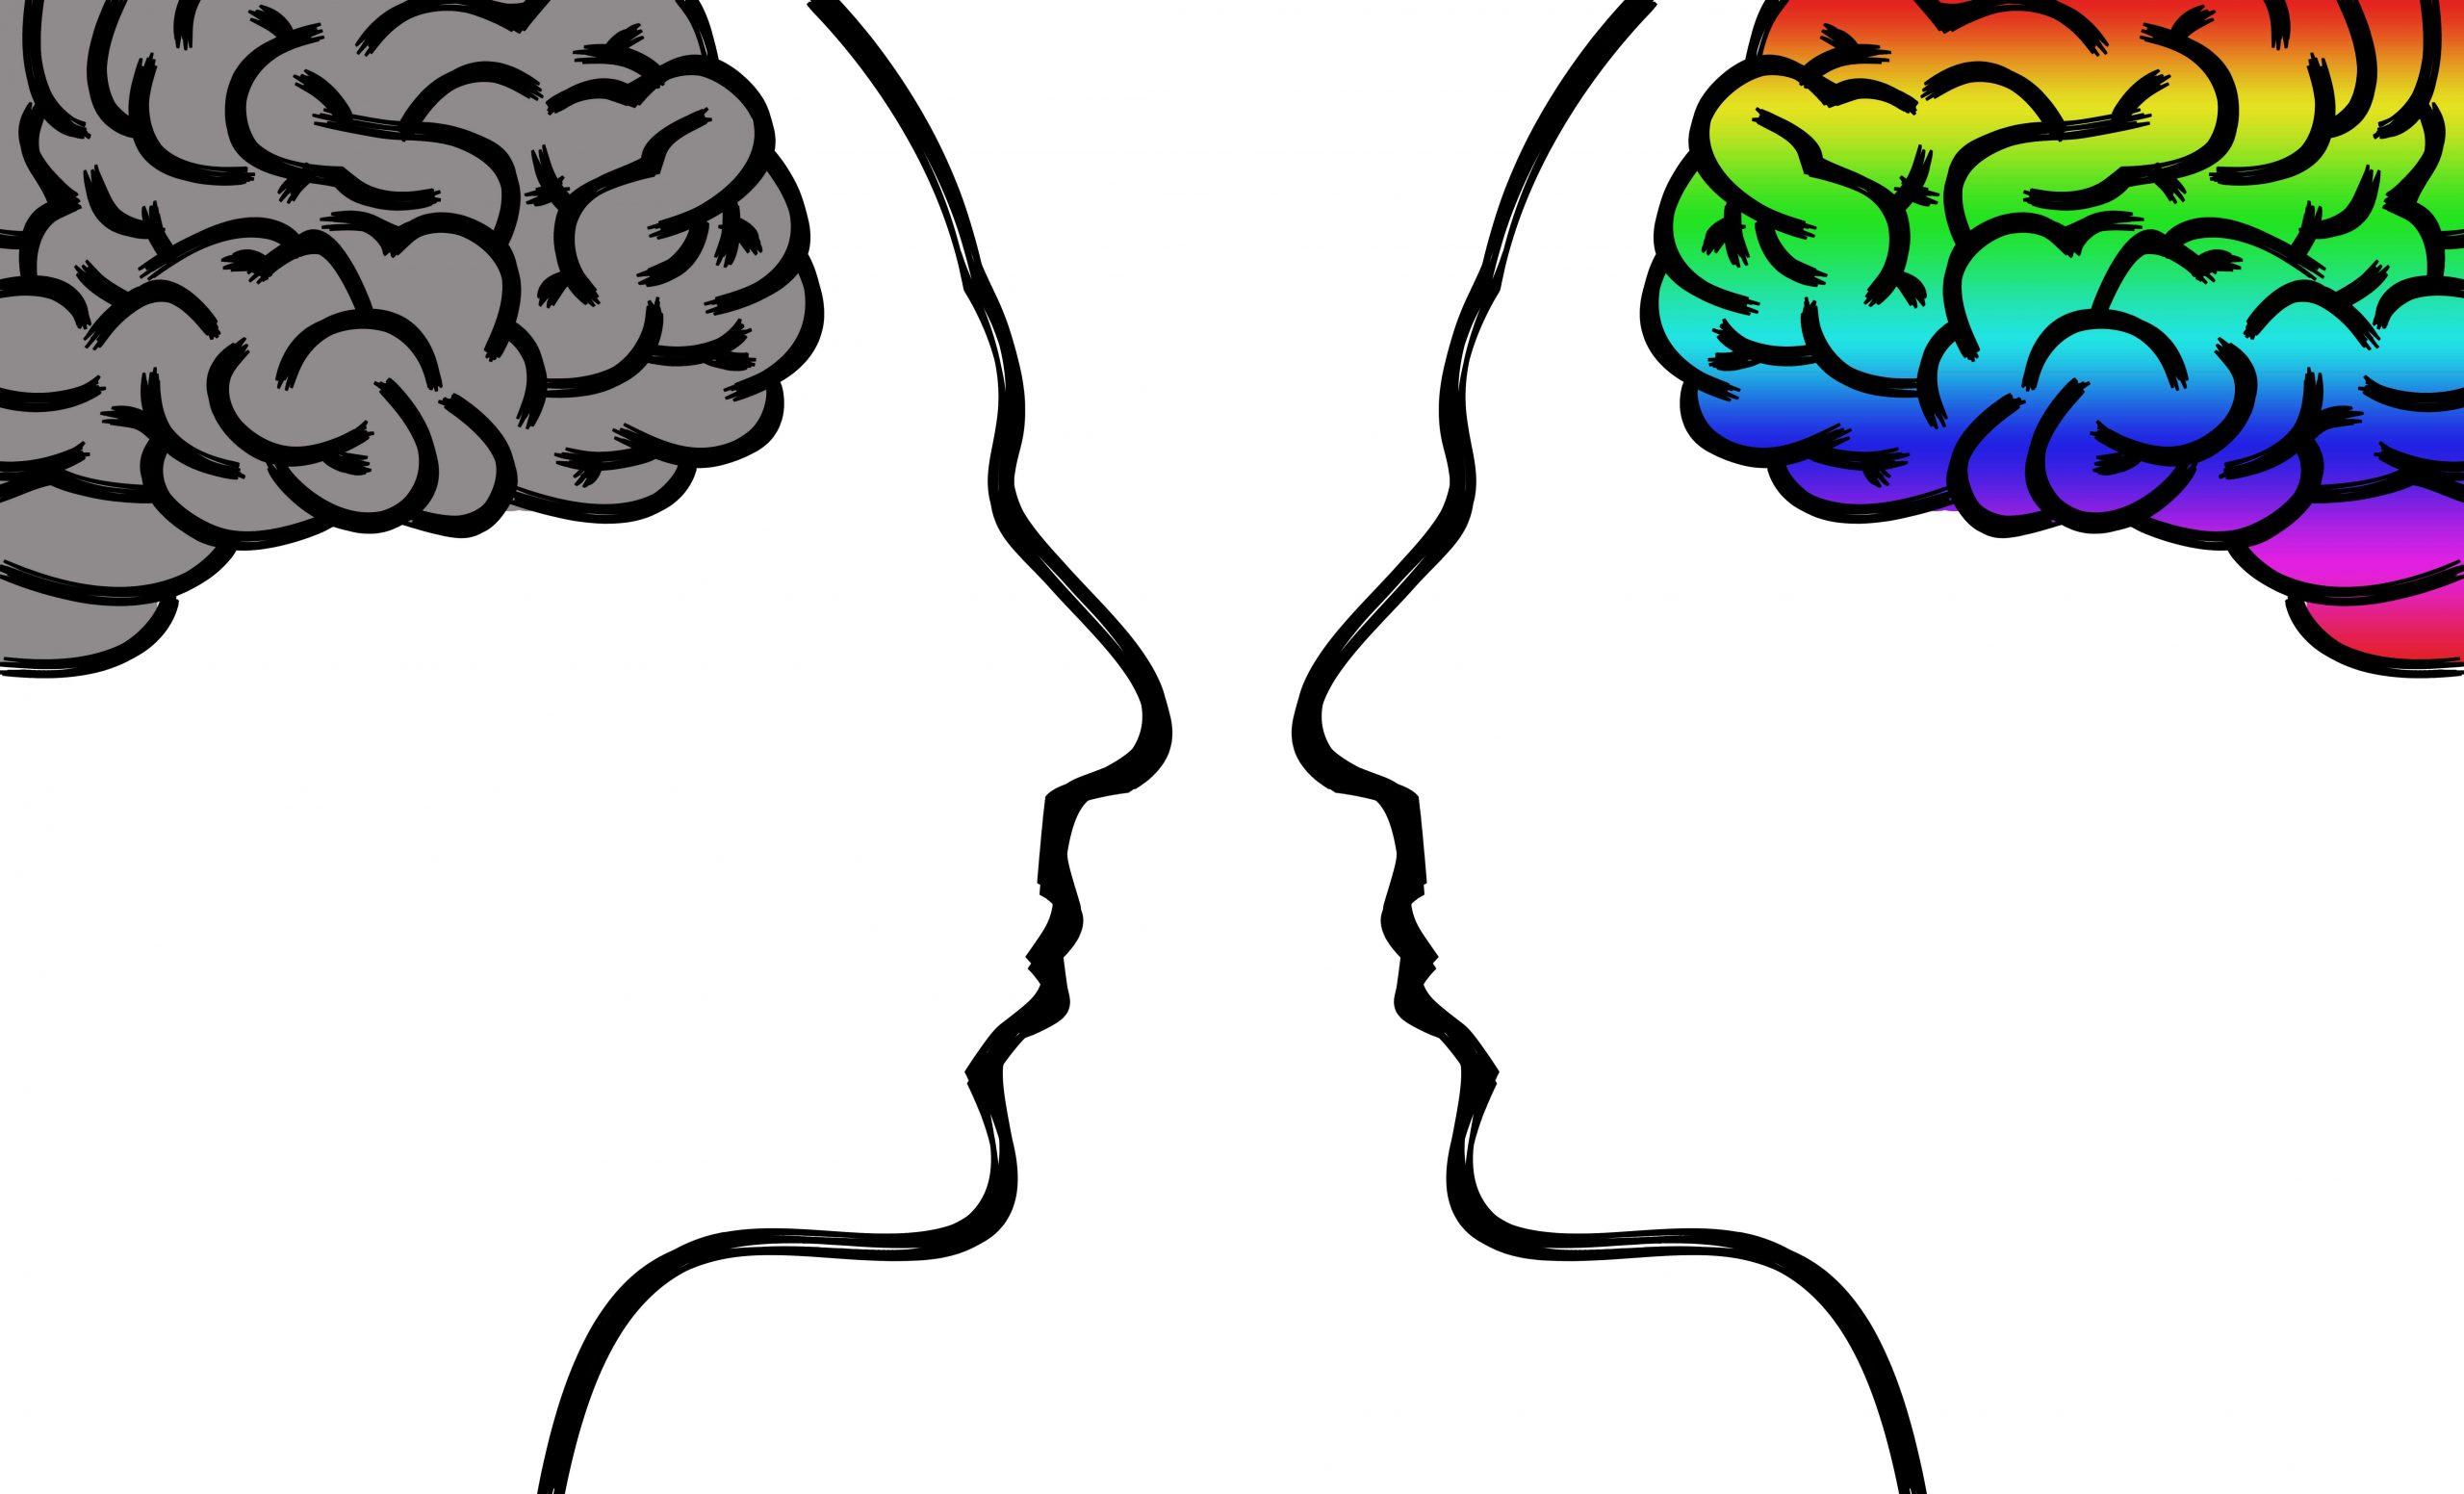 рисунки на два мозъка